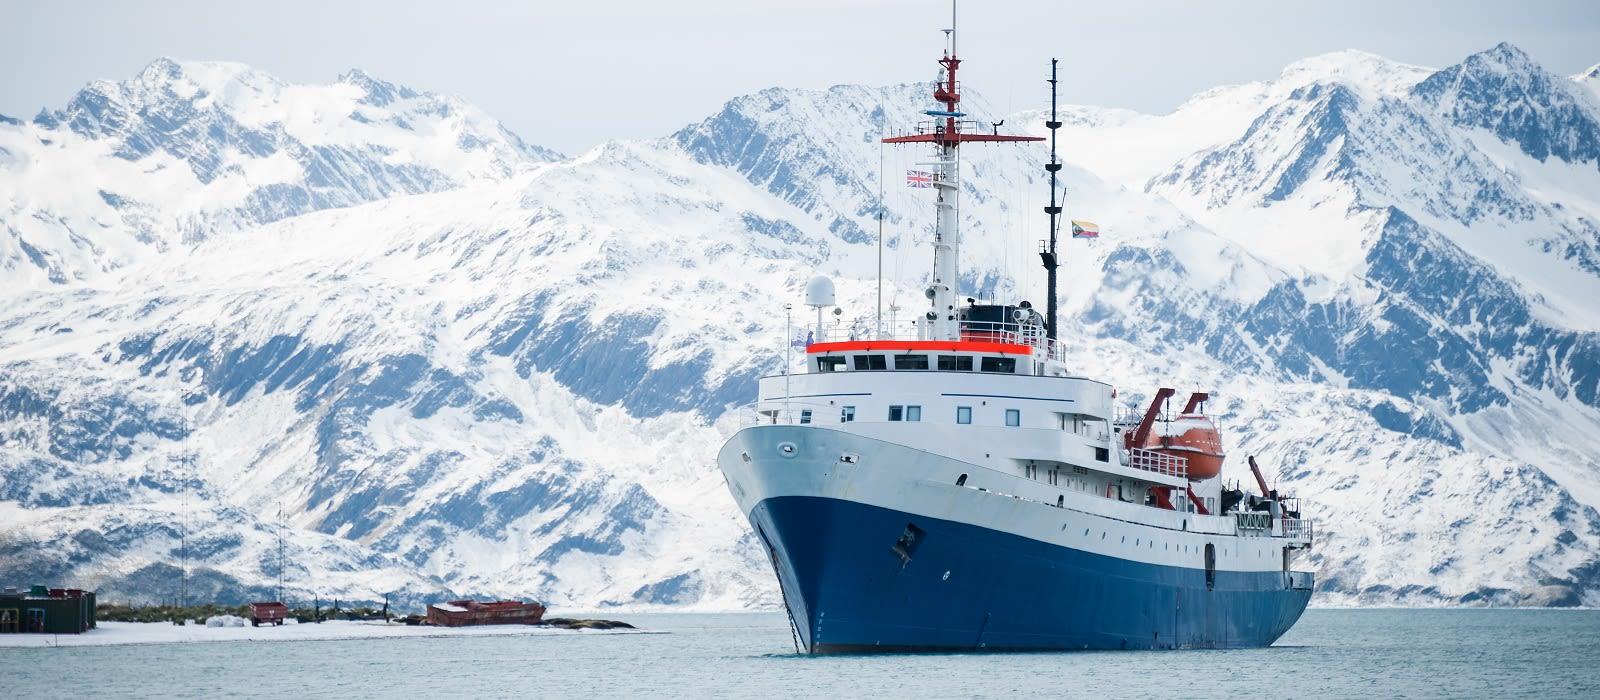 Falls, Falklands and Antarctic Adventures Tour Trip 4